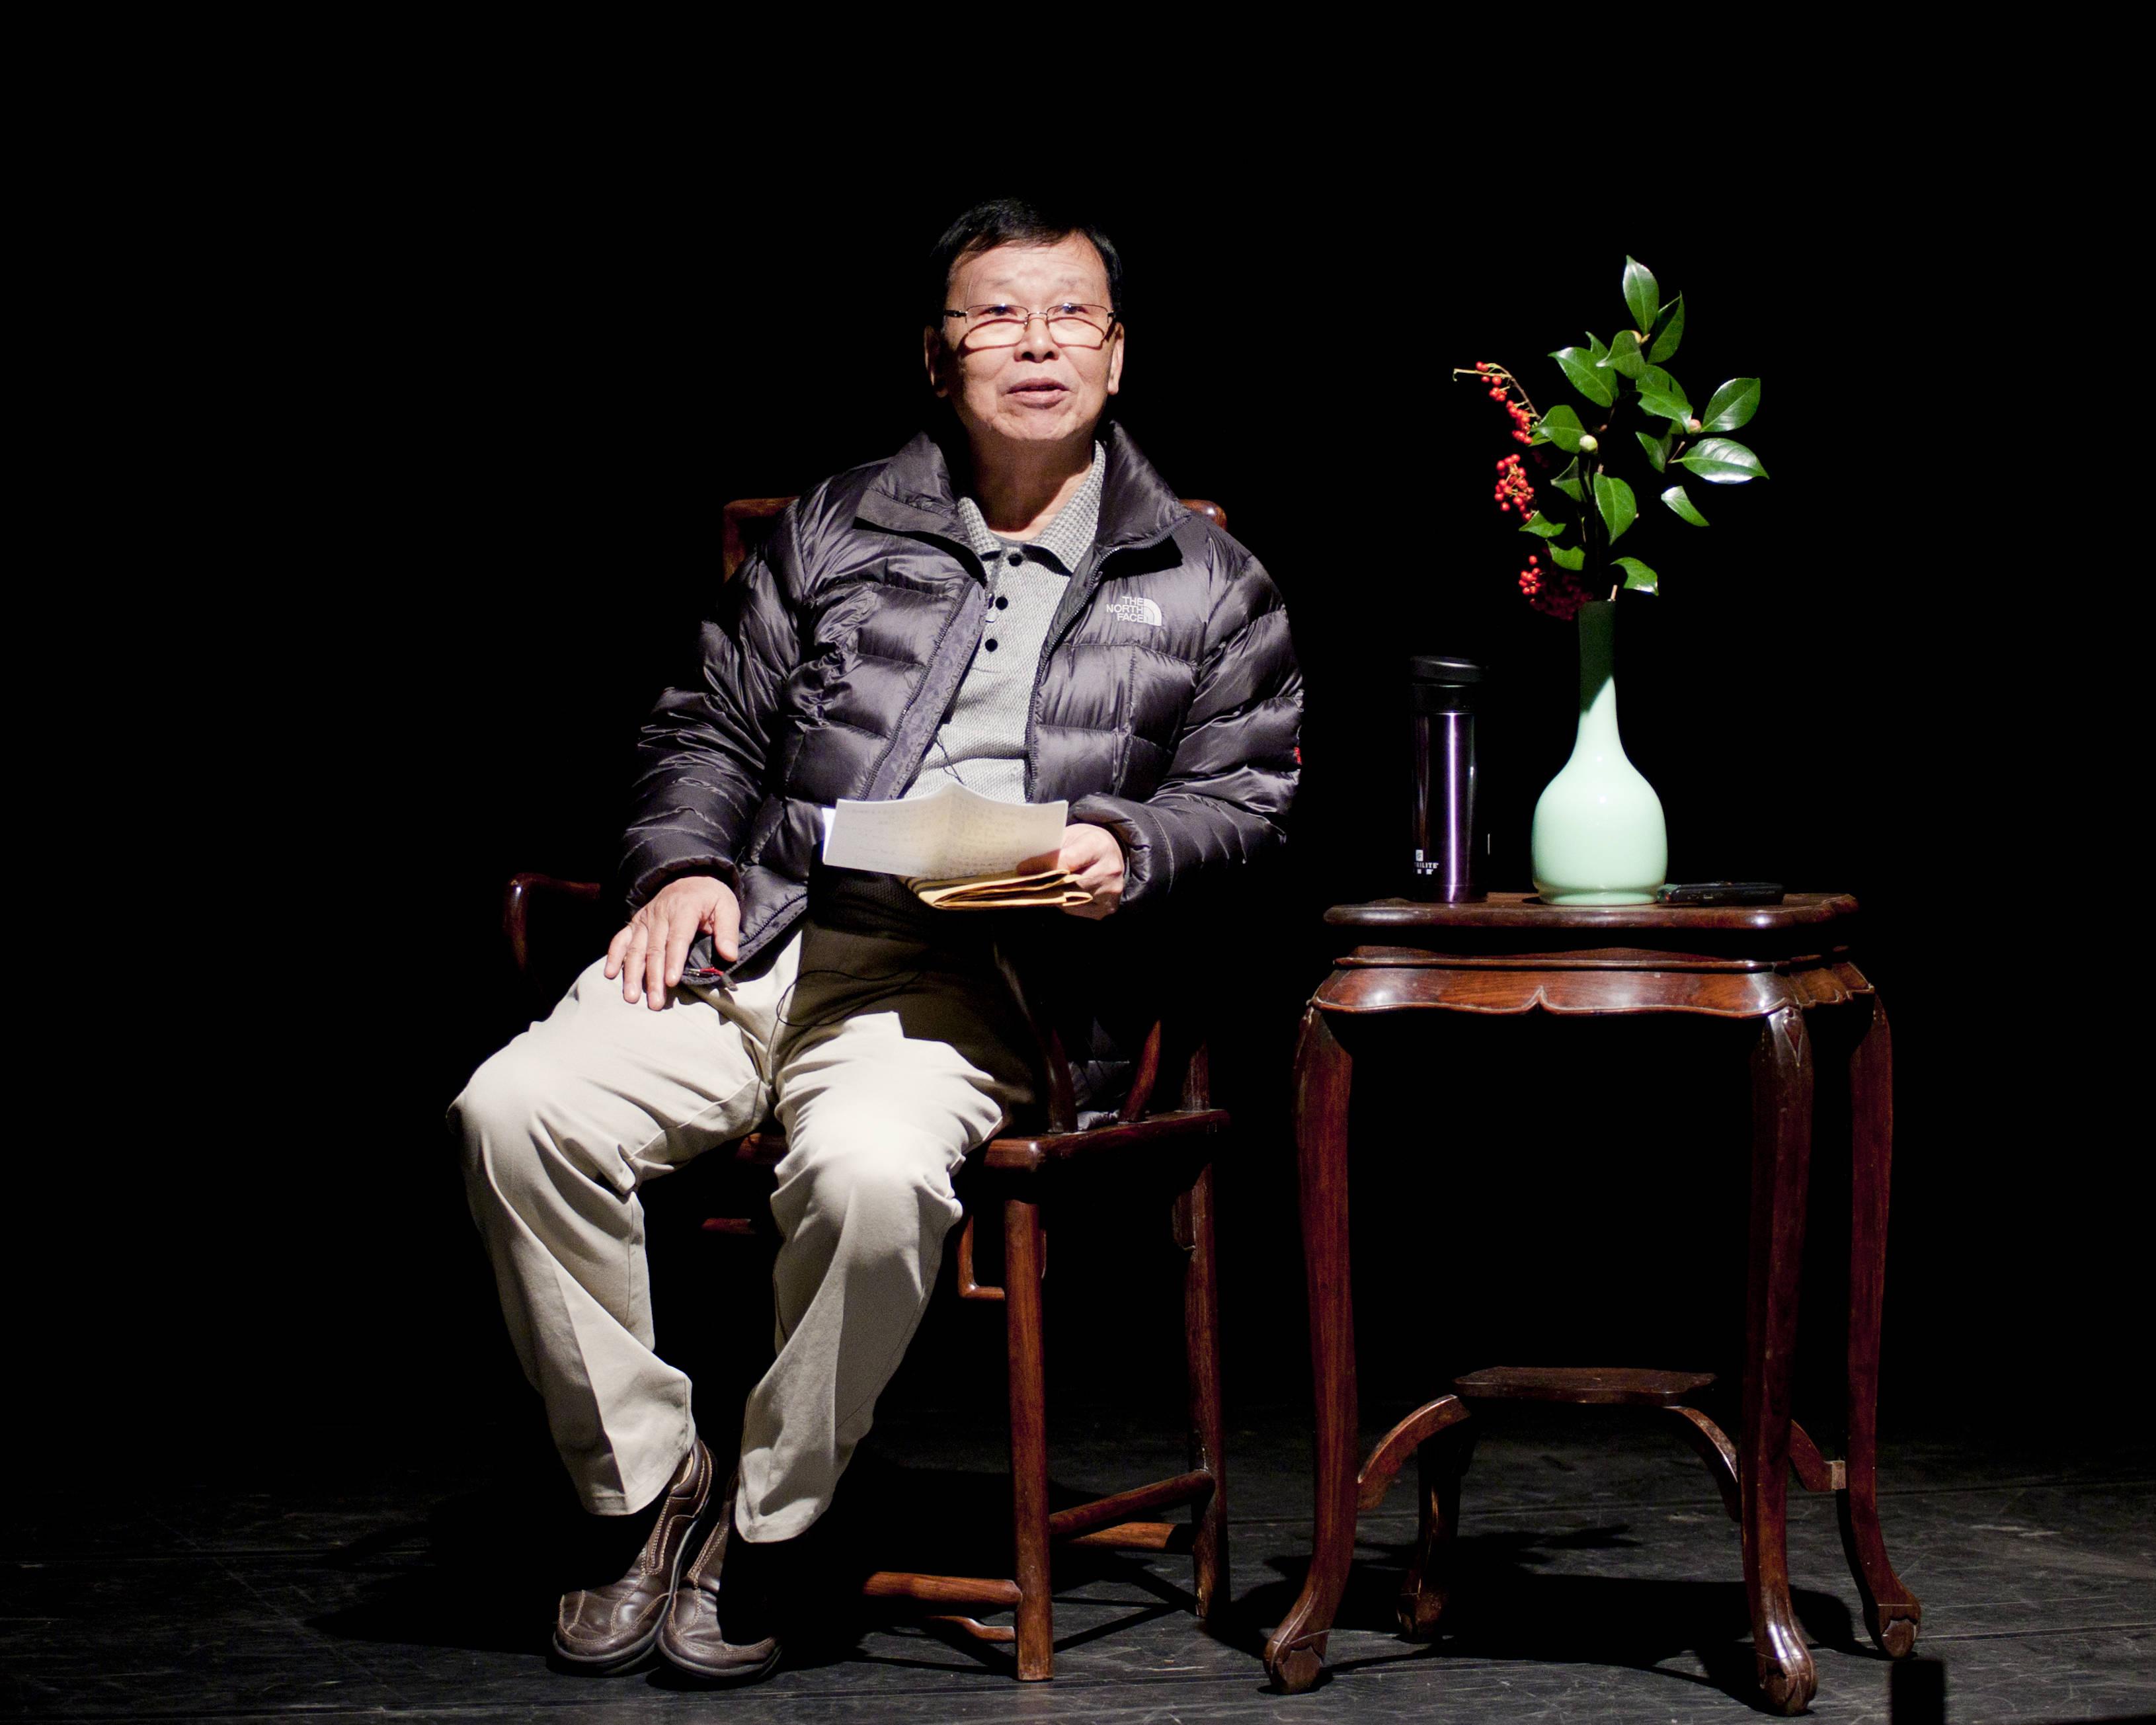 #王仁#中国最能写古典戏剧的剧作家王仁杰先生走了,